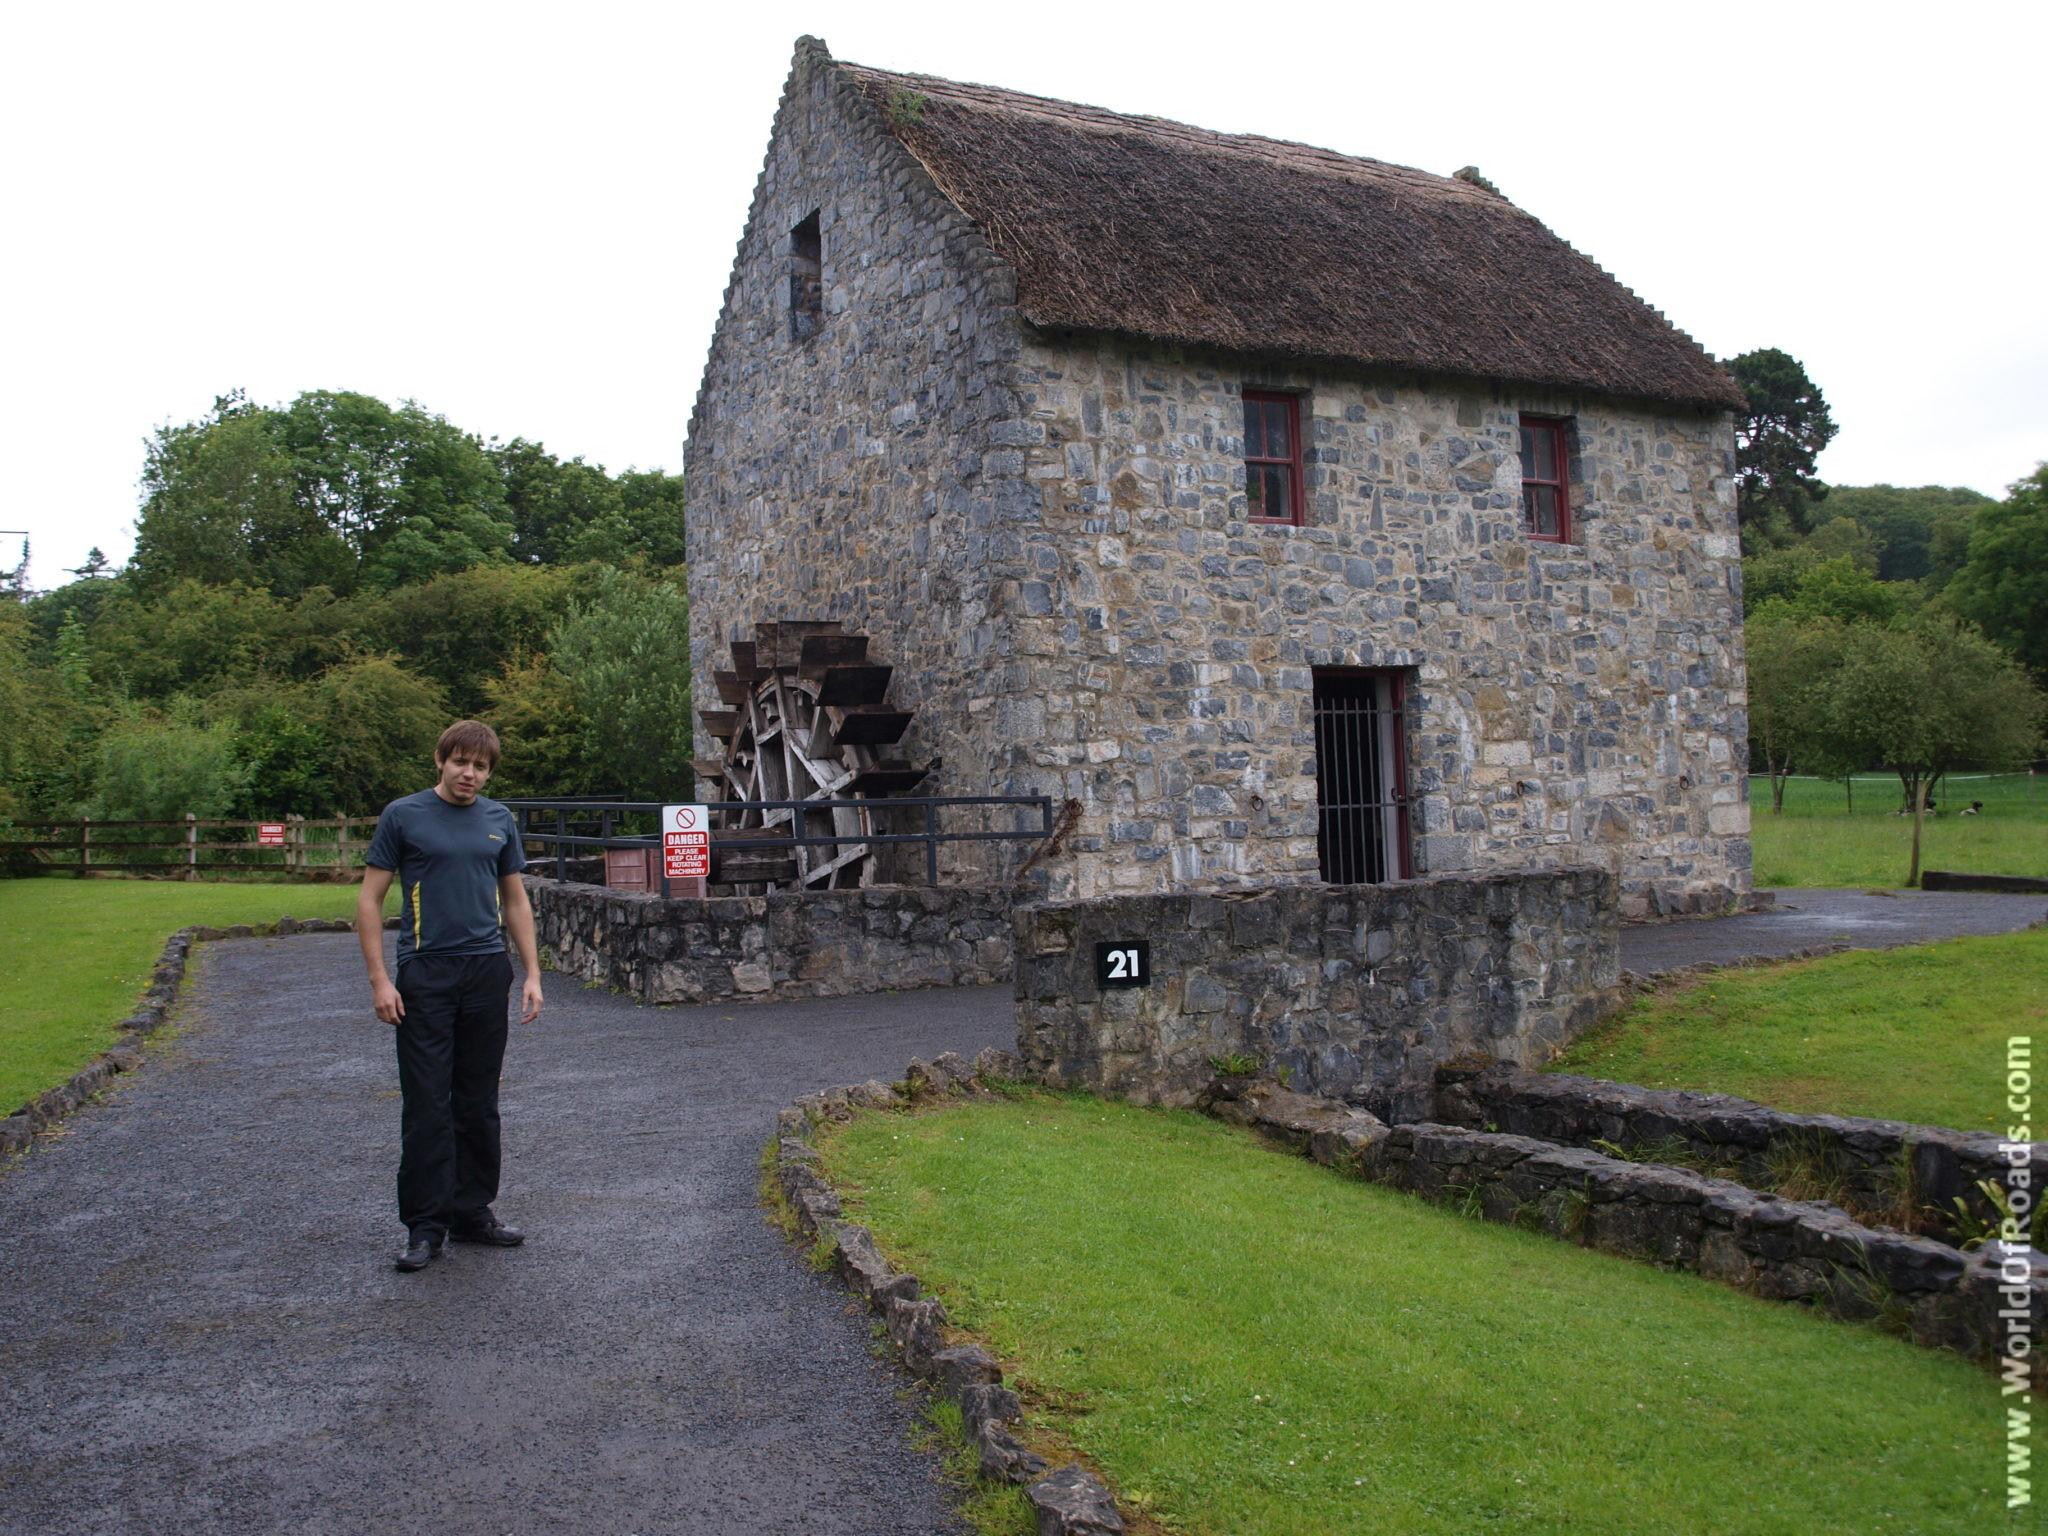 Территория замка Бунратти (Bunratti Castle). Графство Клэр, Ирландия.